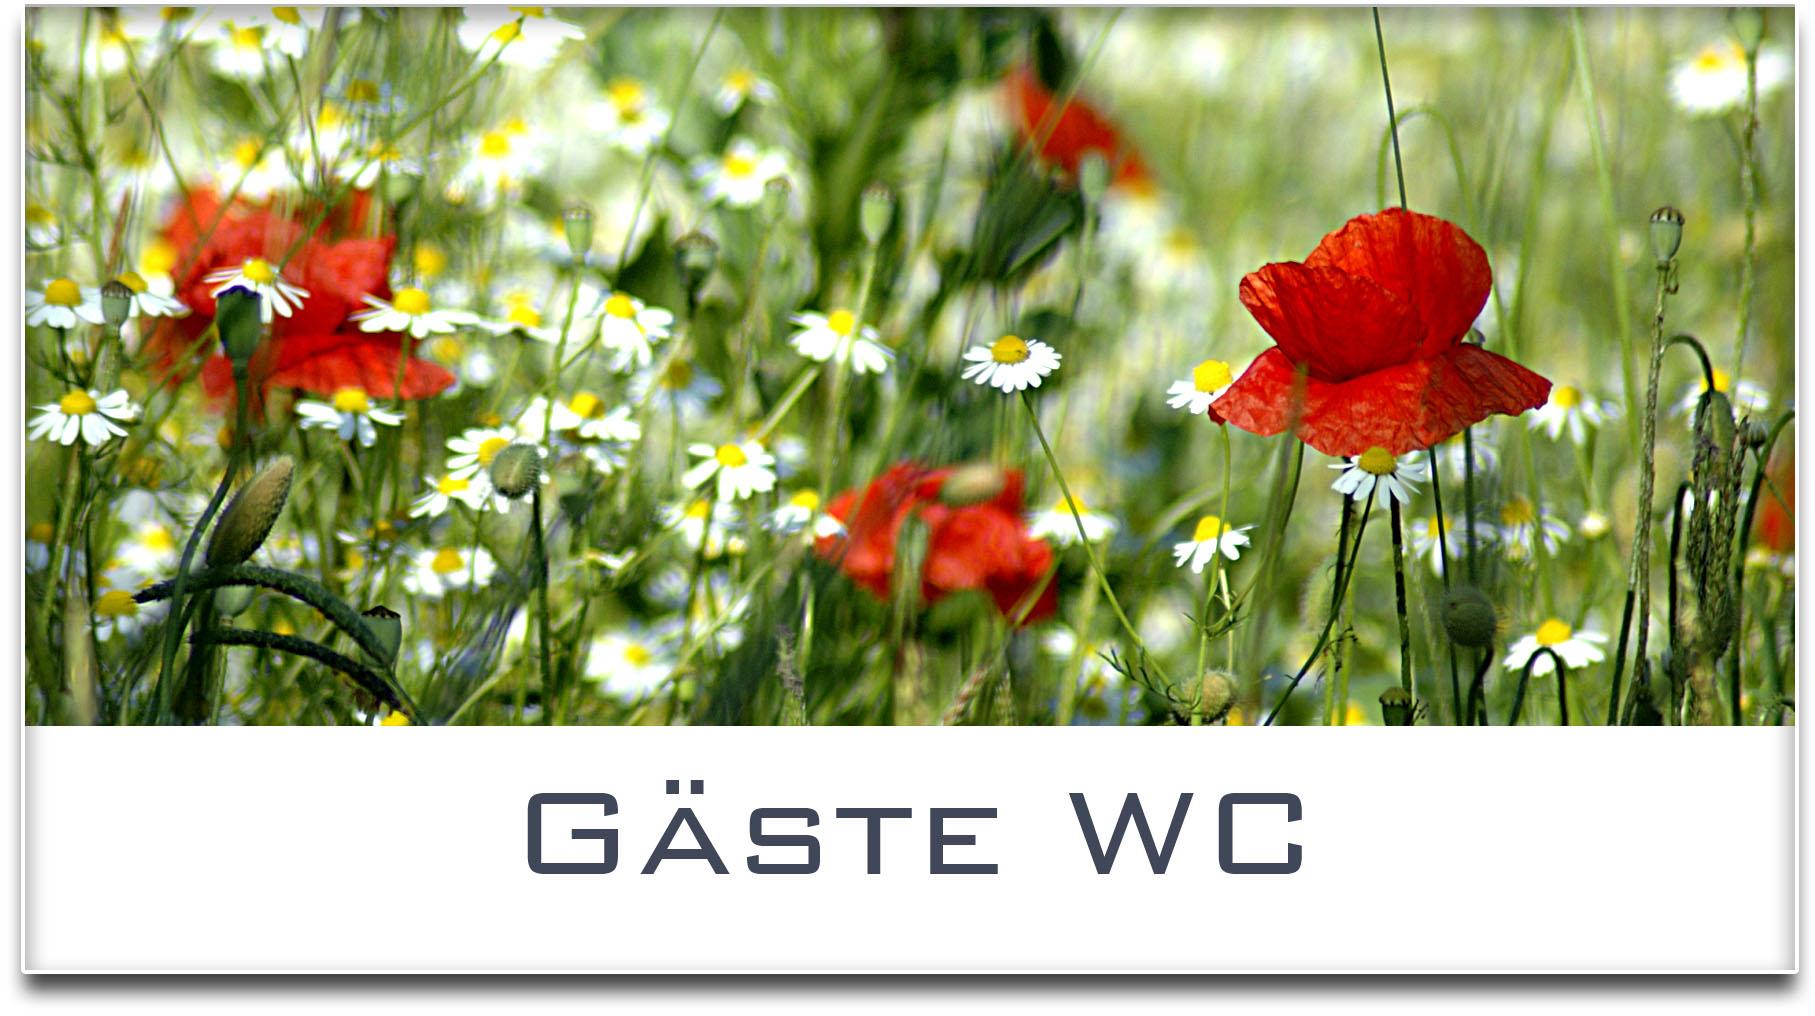 Türschild / Haustürschild / Blumenwiese / Gäste WC / Selbstklebend